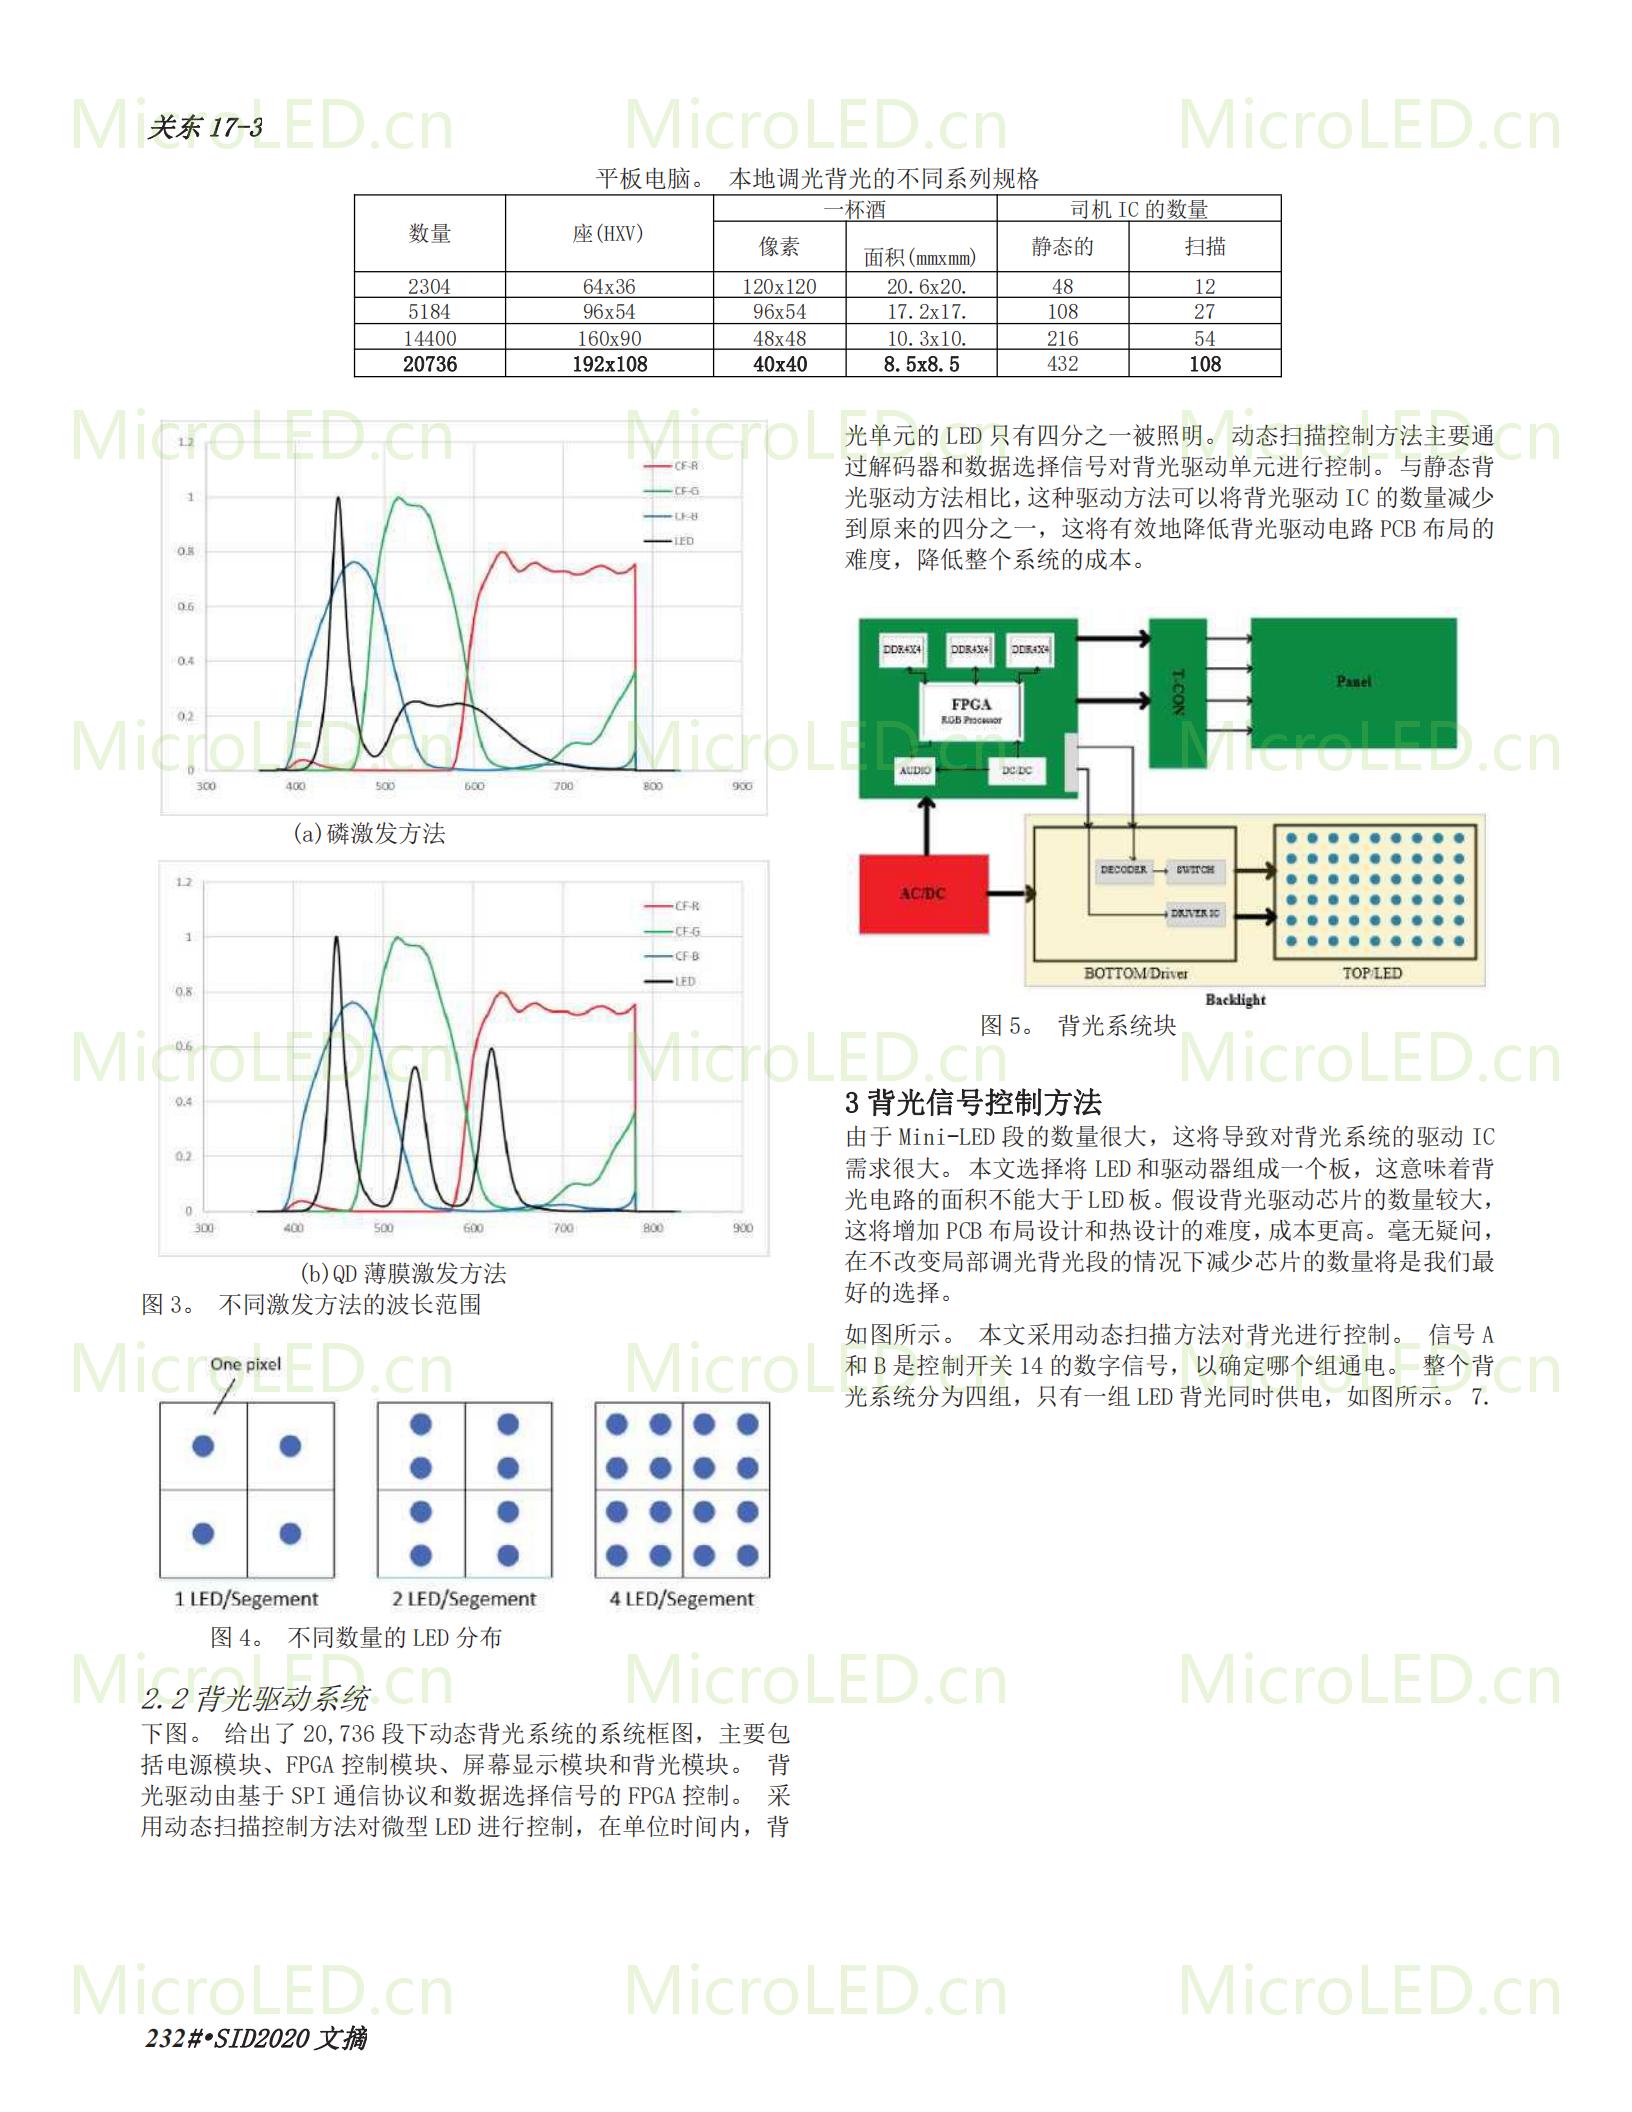 一种新颖的像素级局部调光背光系统,用于 HDR 显示 基于MiniLED  第2张